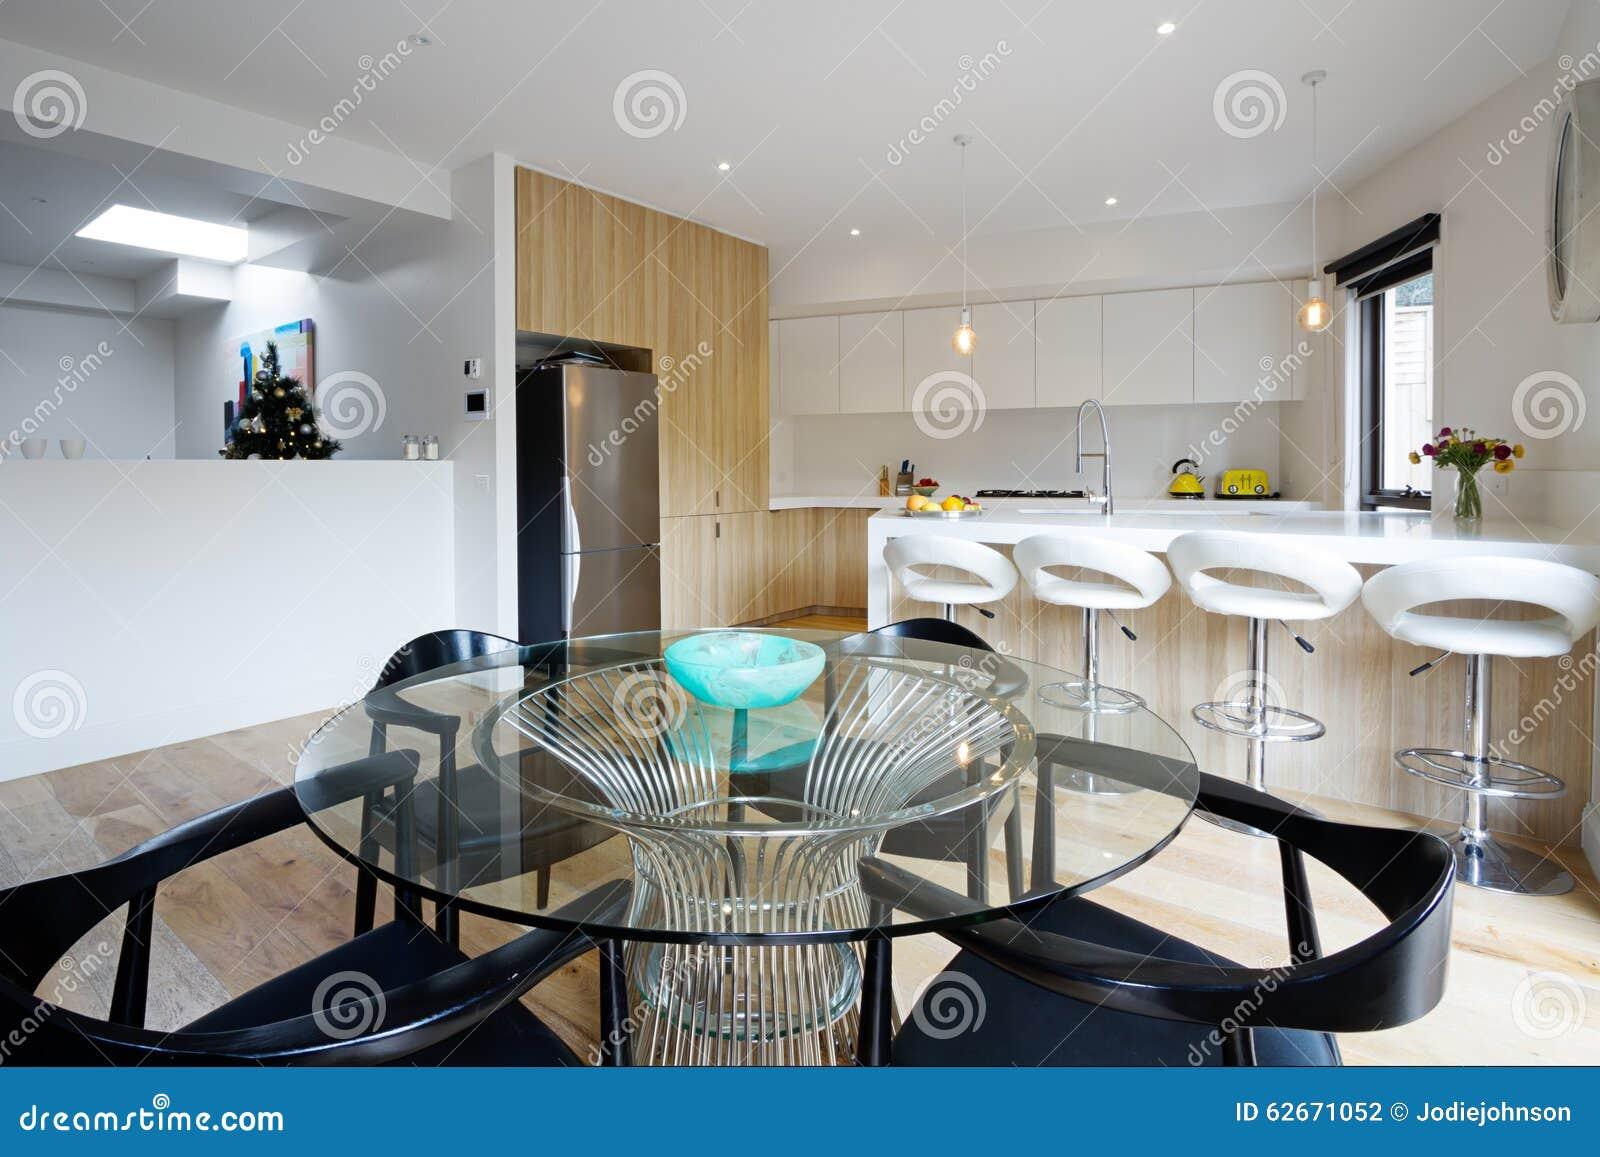 Cuisine avec salle a manger intgre cuisine by carlos for Cuisine 7m2 ouverte